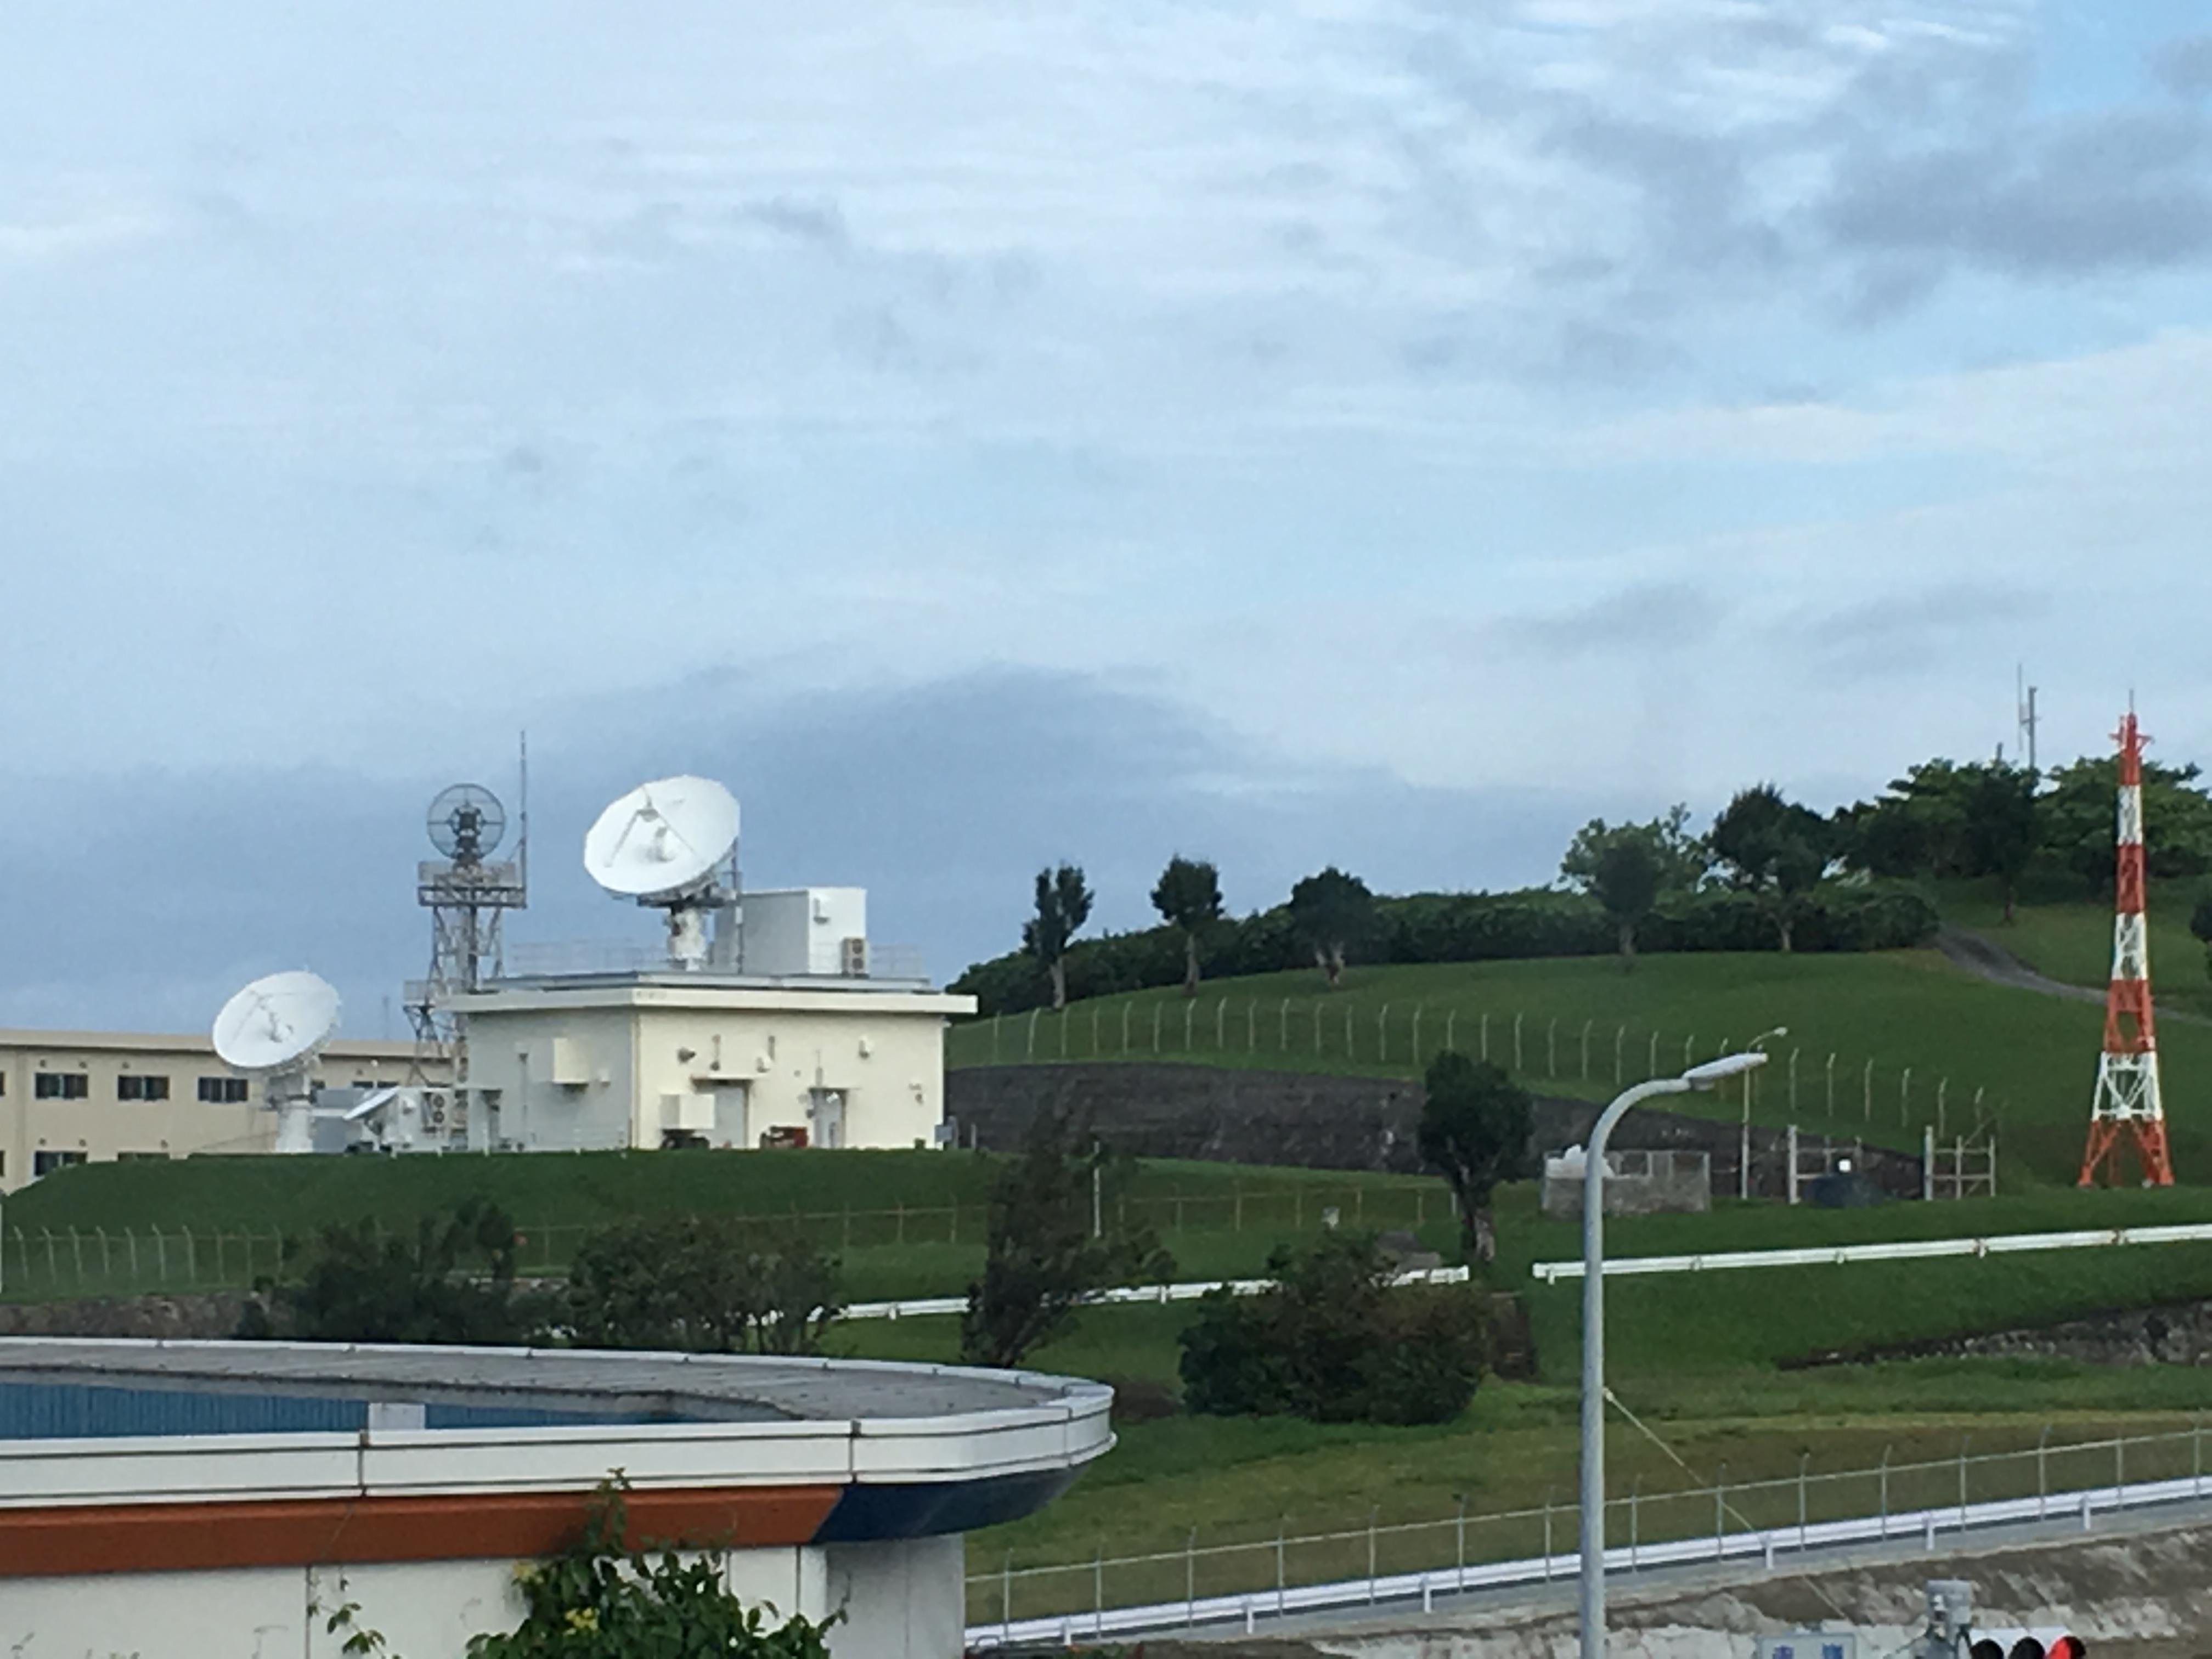 ホテルグランビュー沖縄(スタート)からの航空自衛隊那覇基地を望む